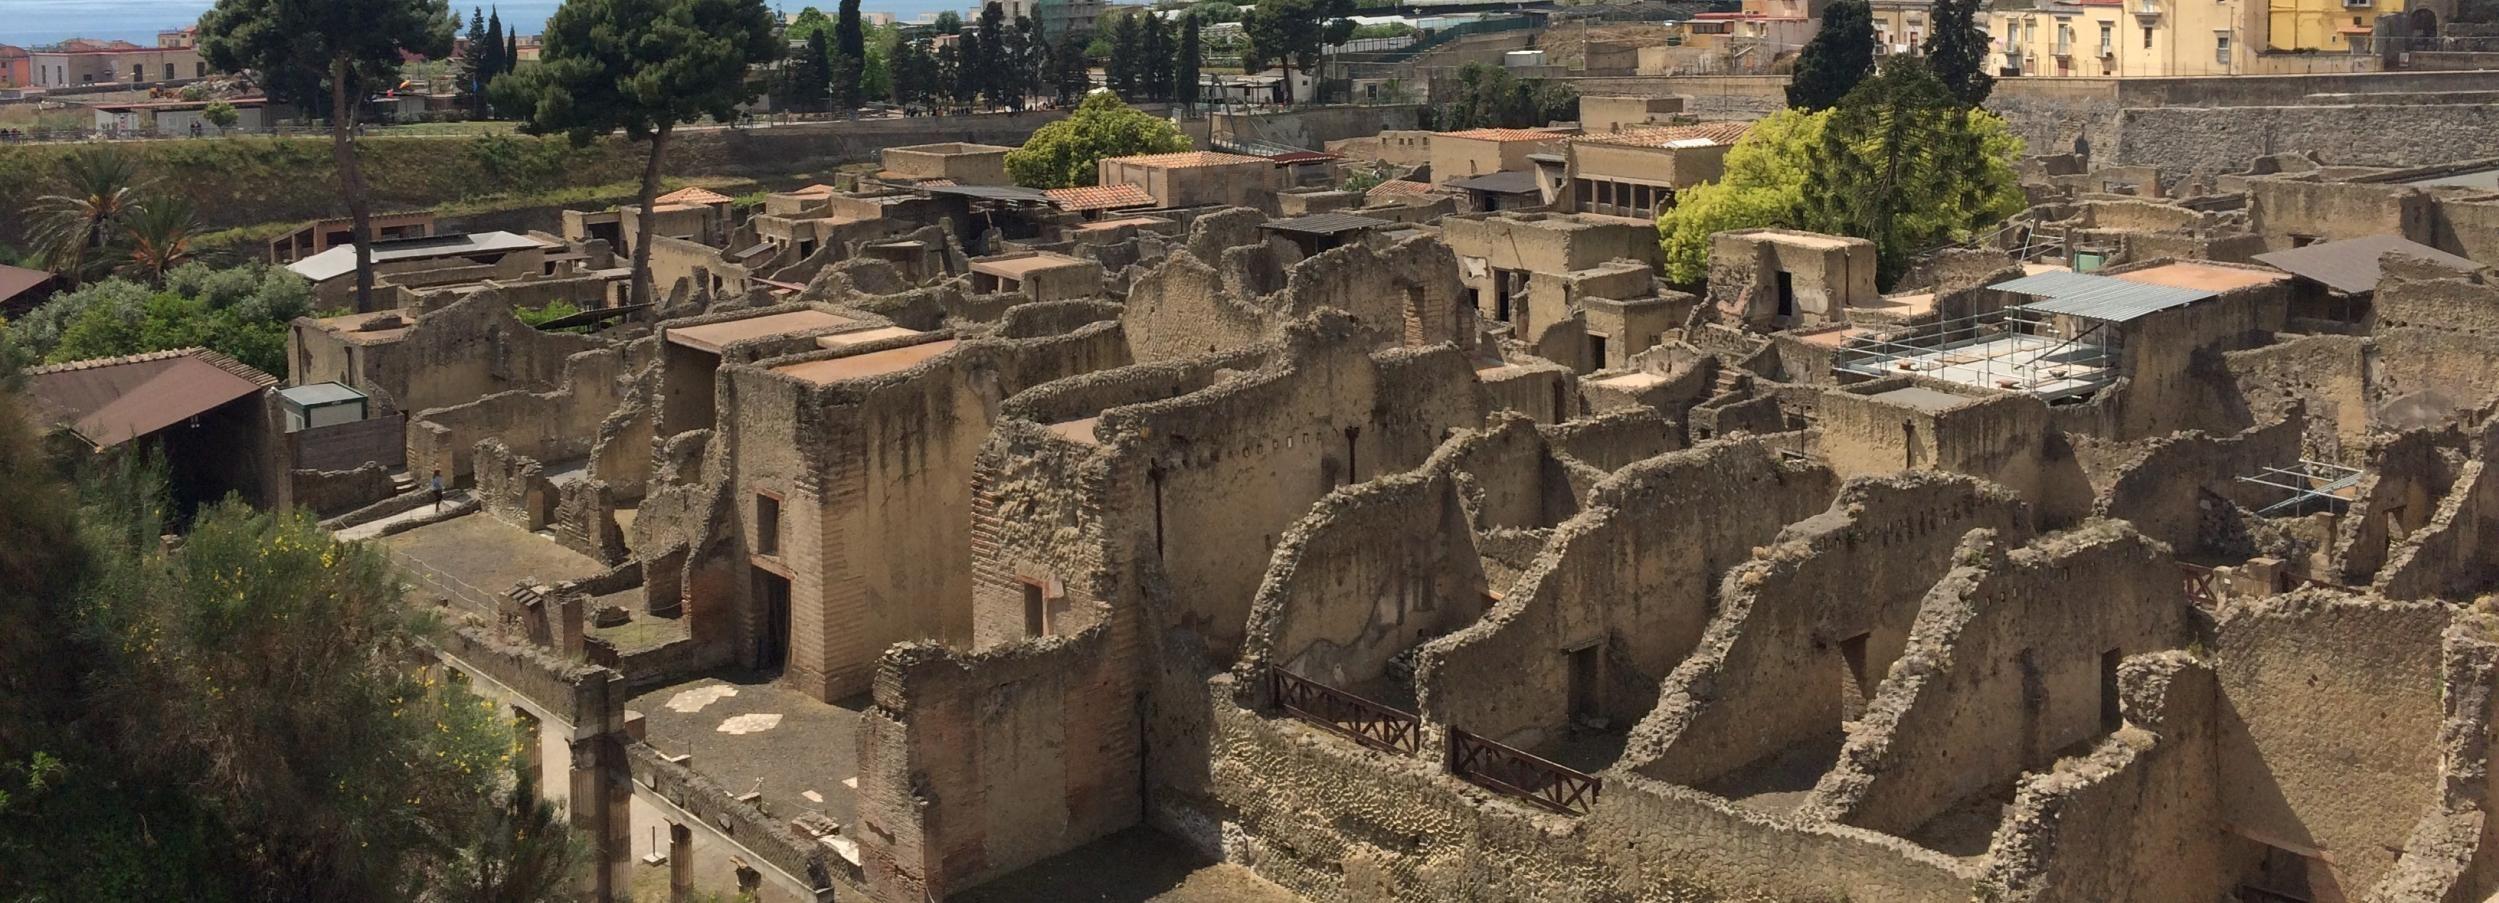 Visite privée de Pompéi et d'Herculanum avec billet coupe-file